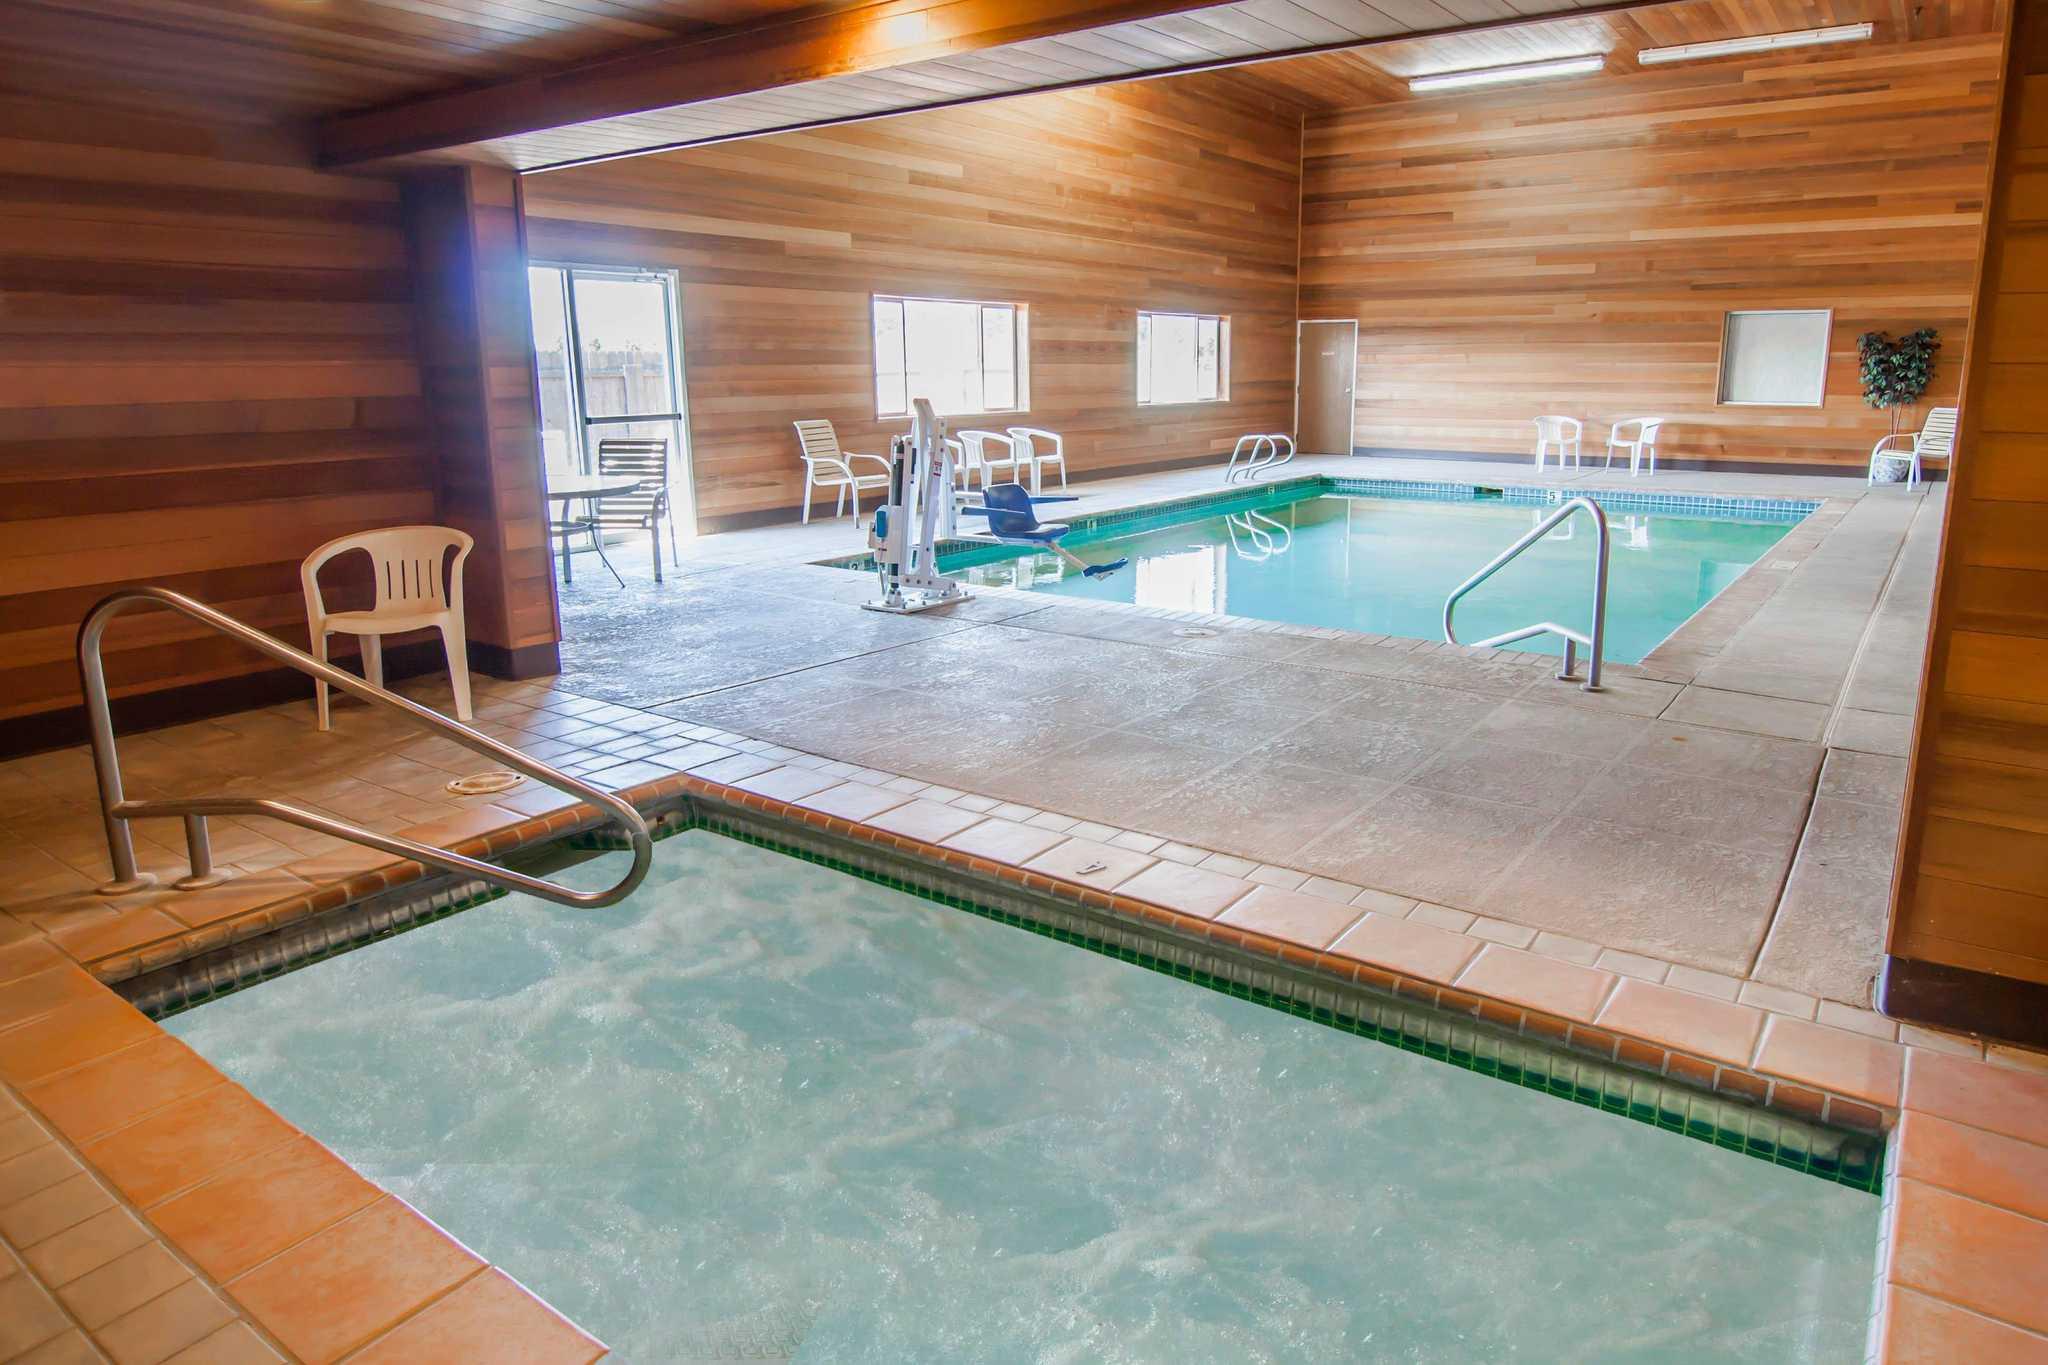 Rodeway Inn & Suites image 15